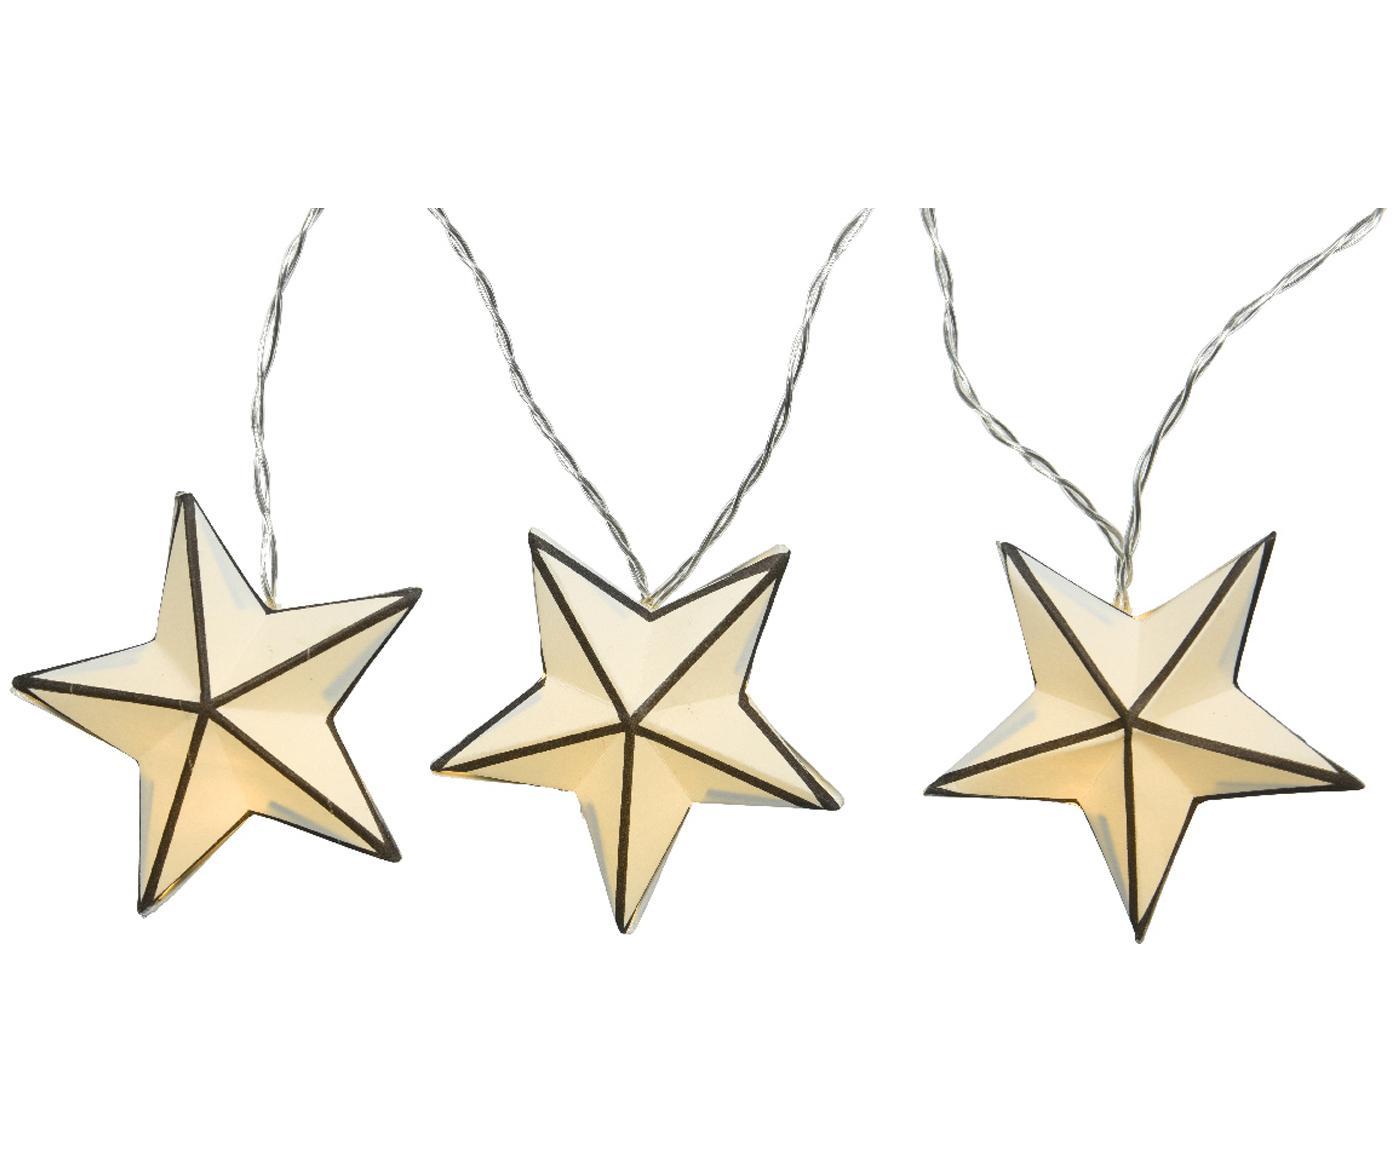 LED Lichterkette Stars, Weiß, Schwarz, L 380 cm